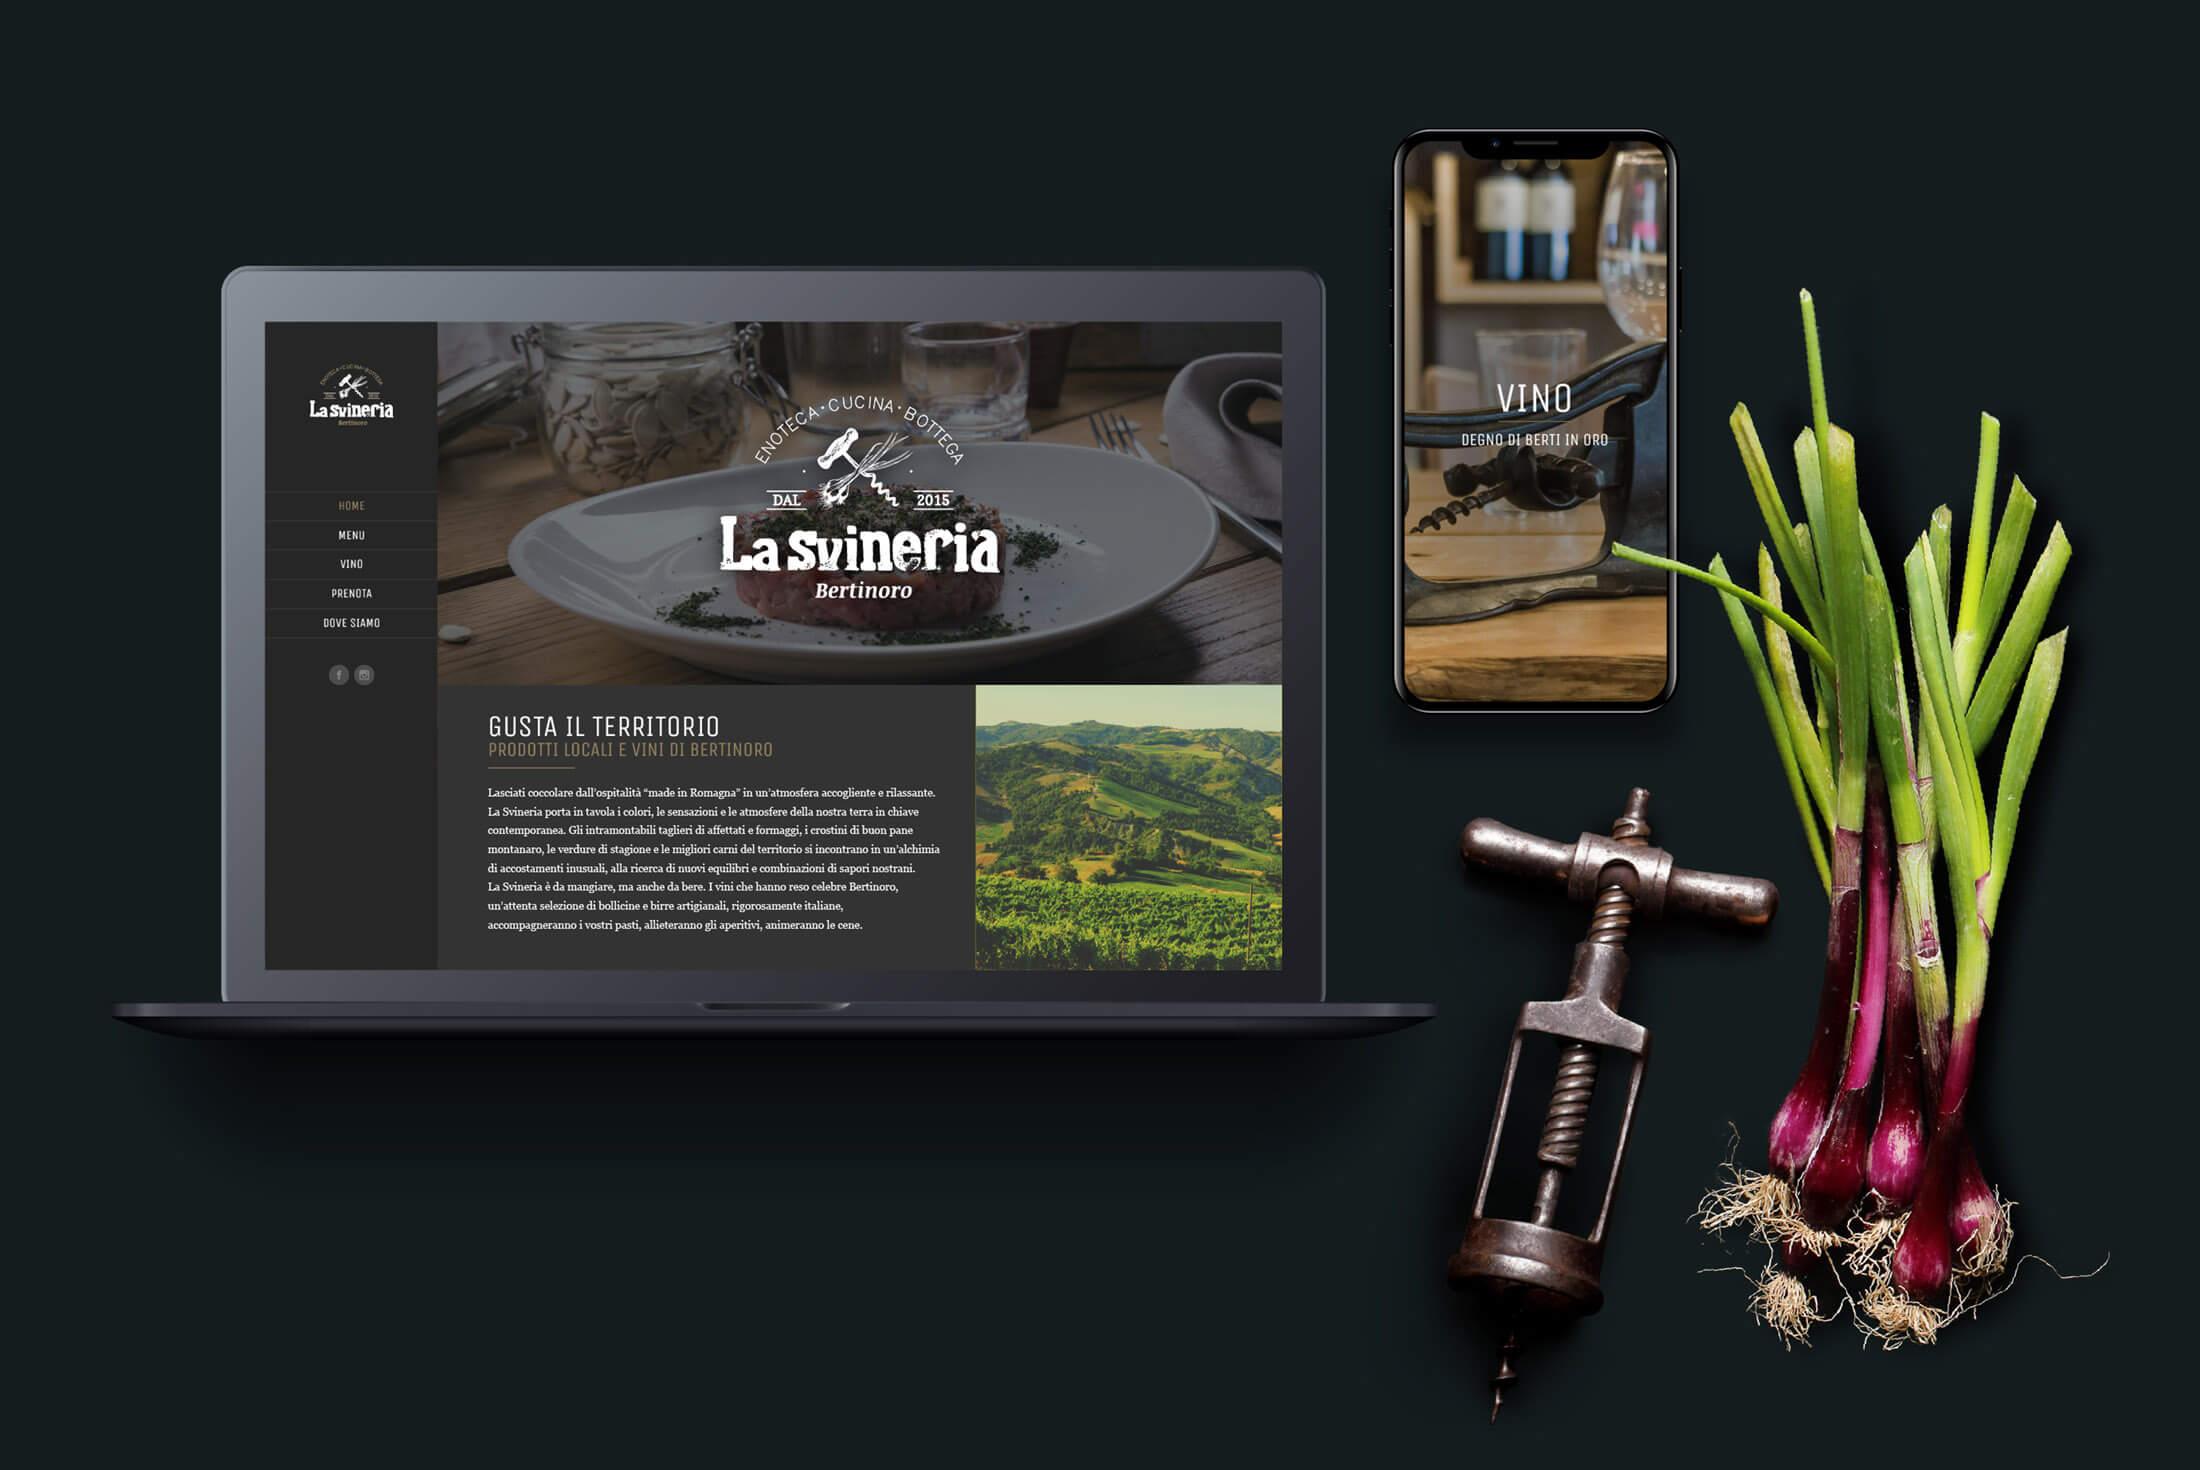 Sito web - Portfolio - Be Comunicazioni - Pubblicità e Marketing - La Svineria - Cover